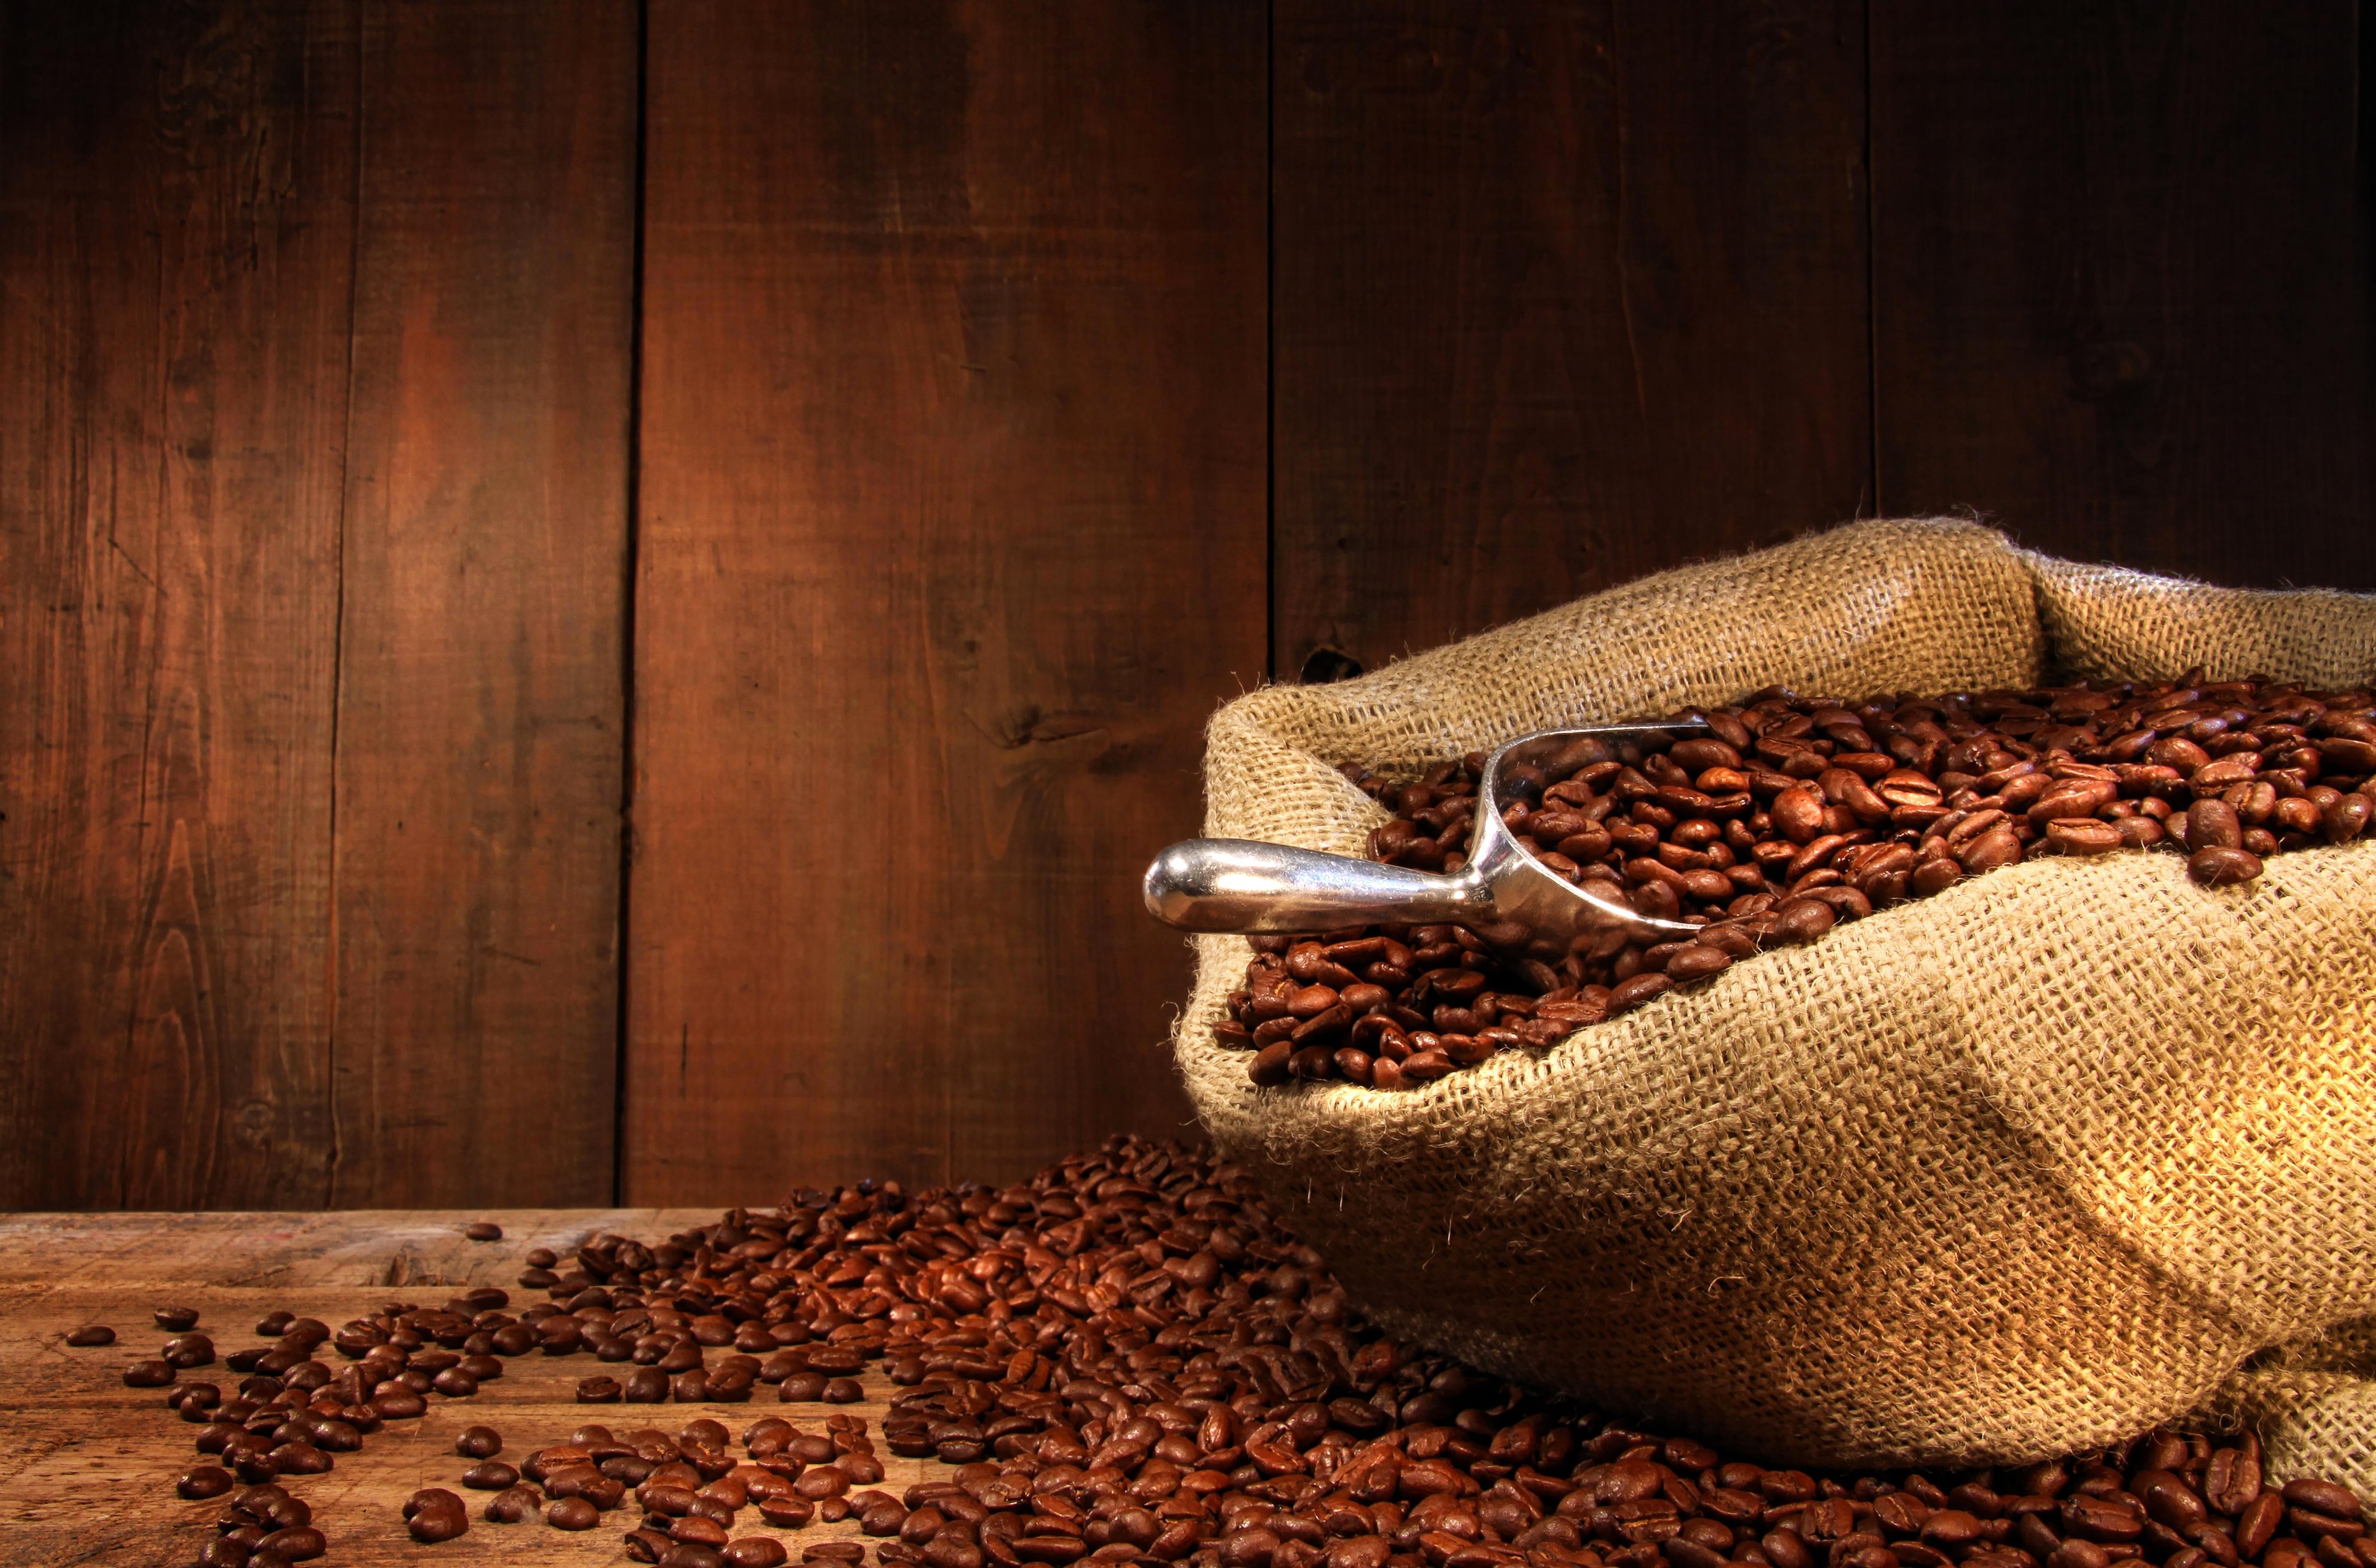 кофейные зерна мешковина ткань  № 3696077 без смс